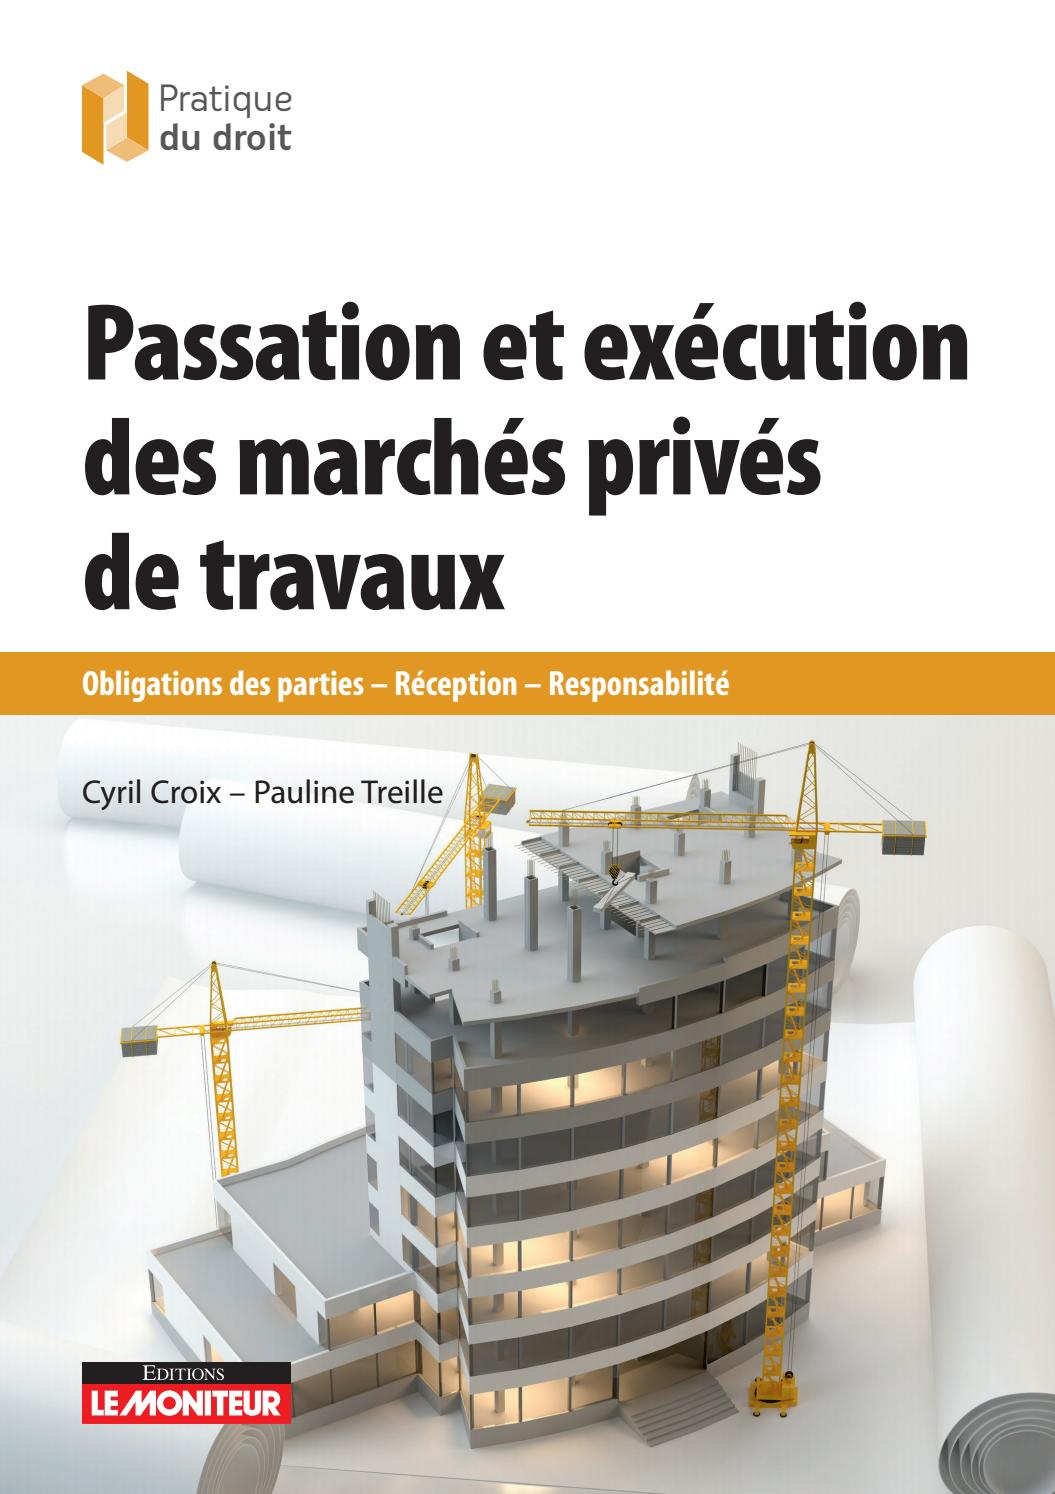 Passation et exécution des marchés privés de travaux by INFOPRO DIGITAL - Issuu